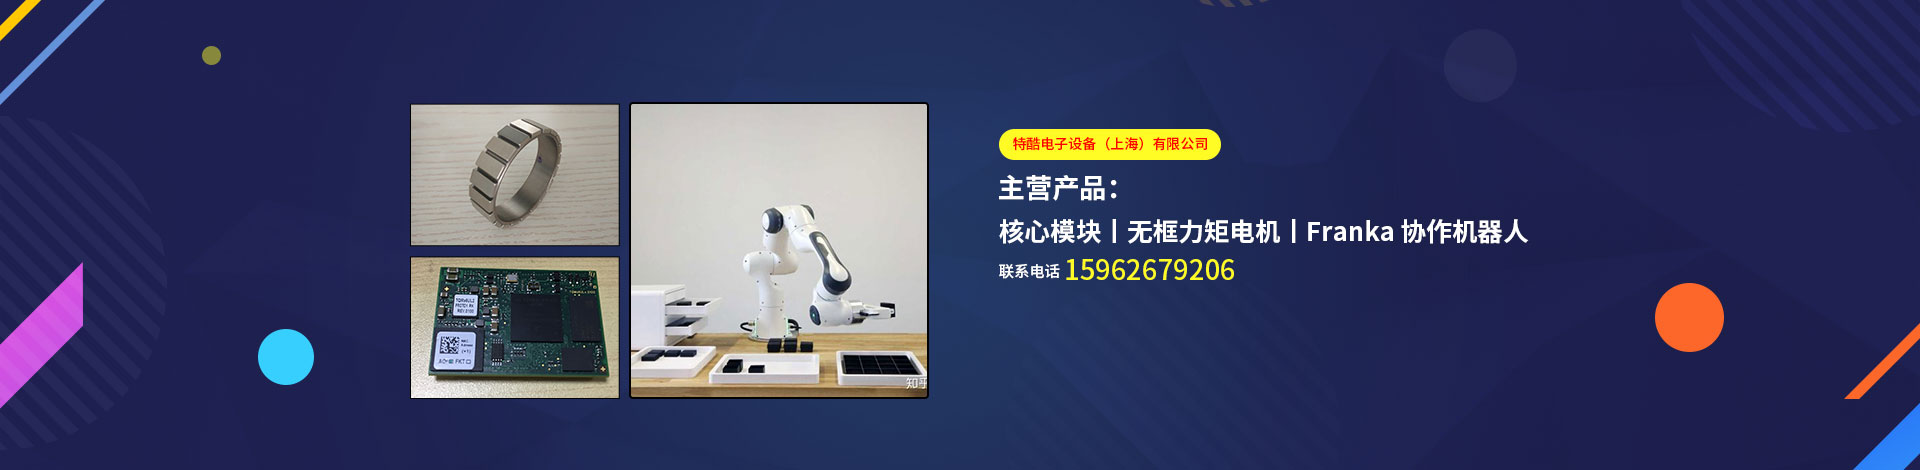 特酷电子设备(上海)有限公司